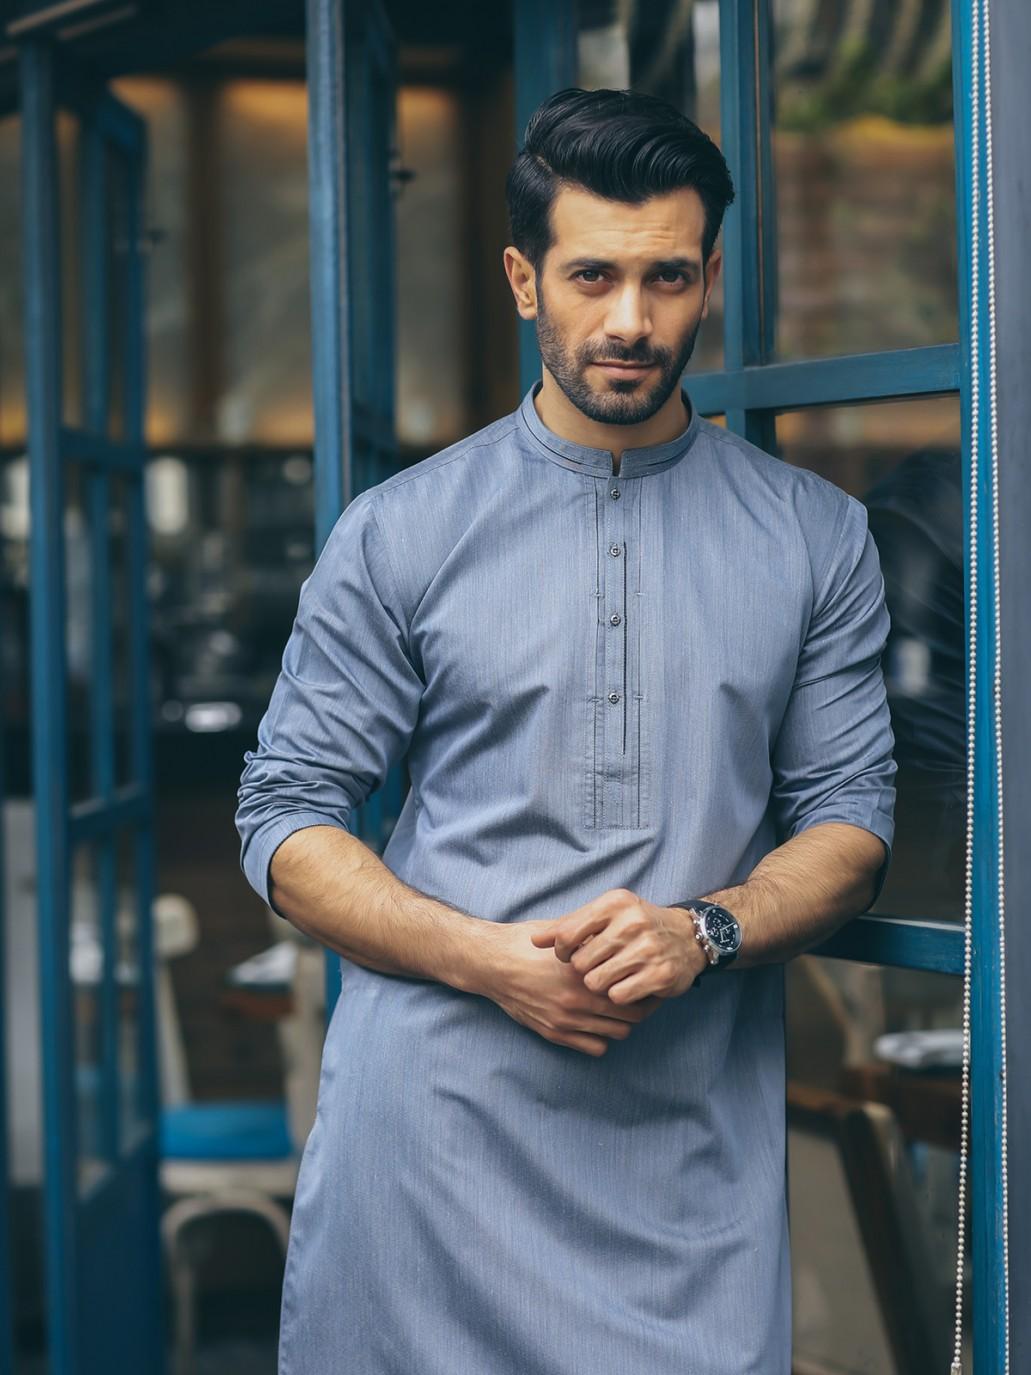 1a539084a1 Best Man Summer Kurta Designs 2019 Collection - StyleGlow.com